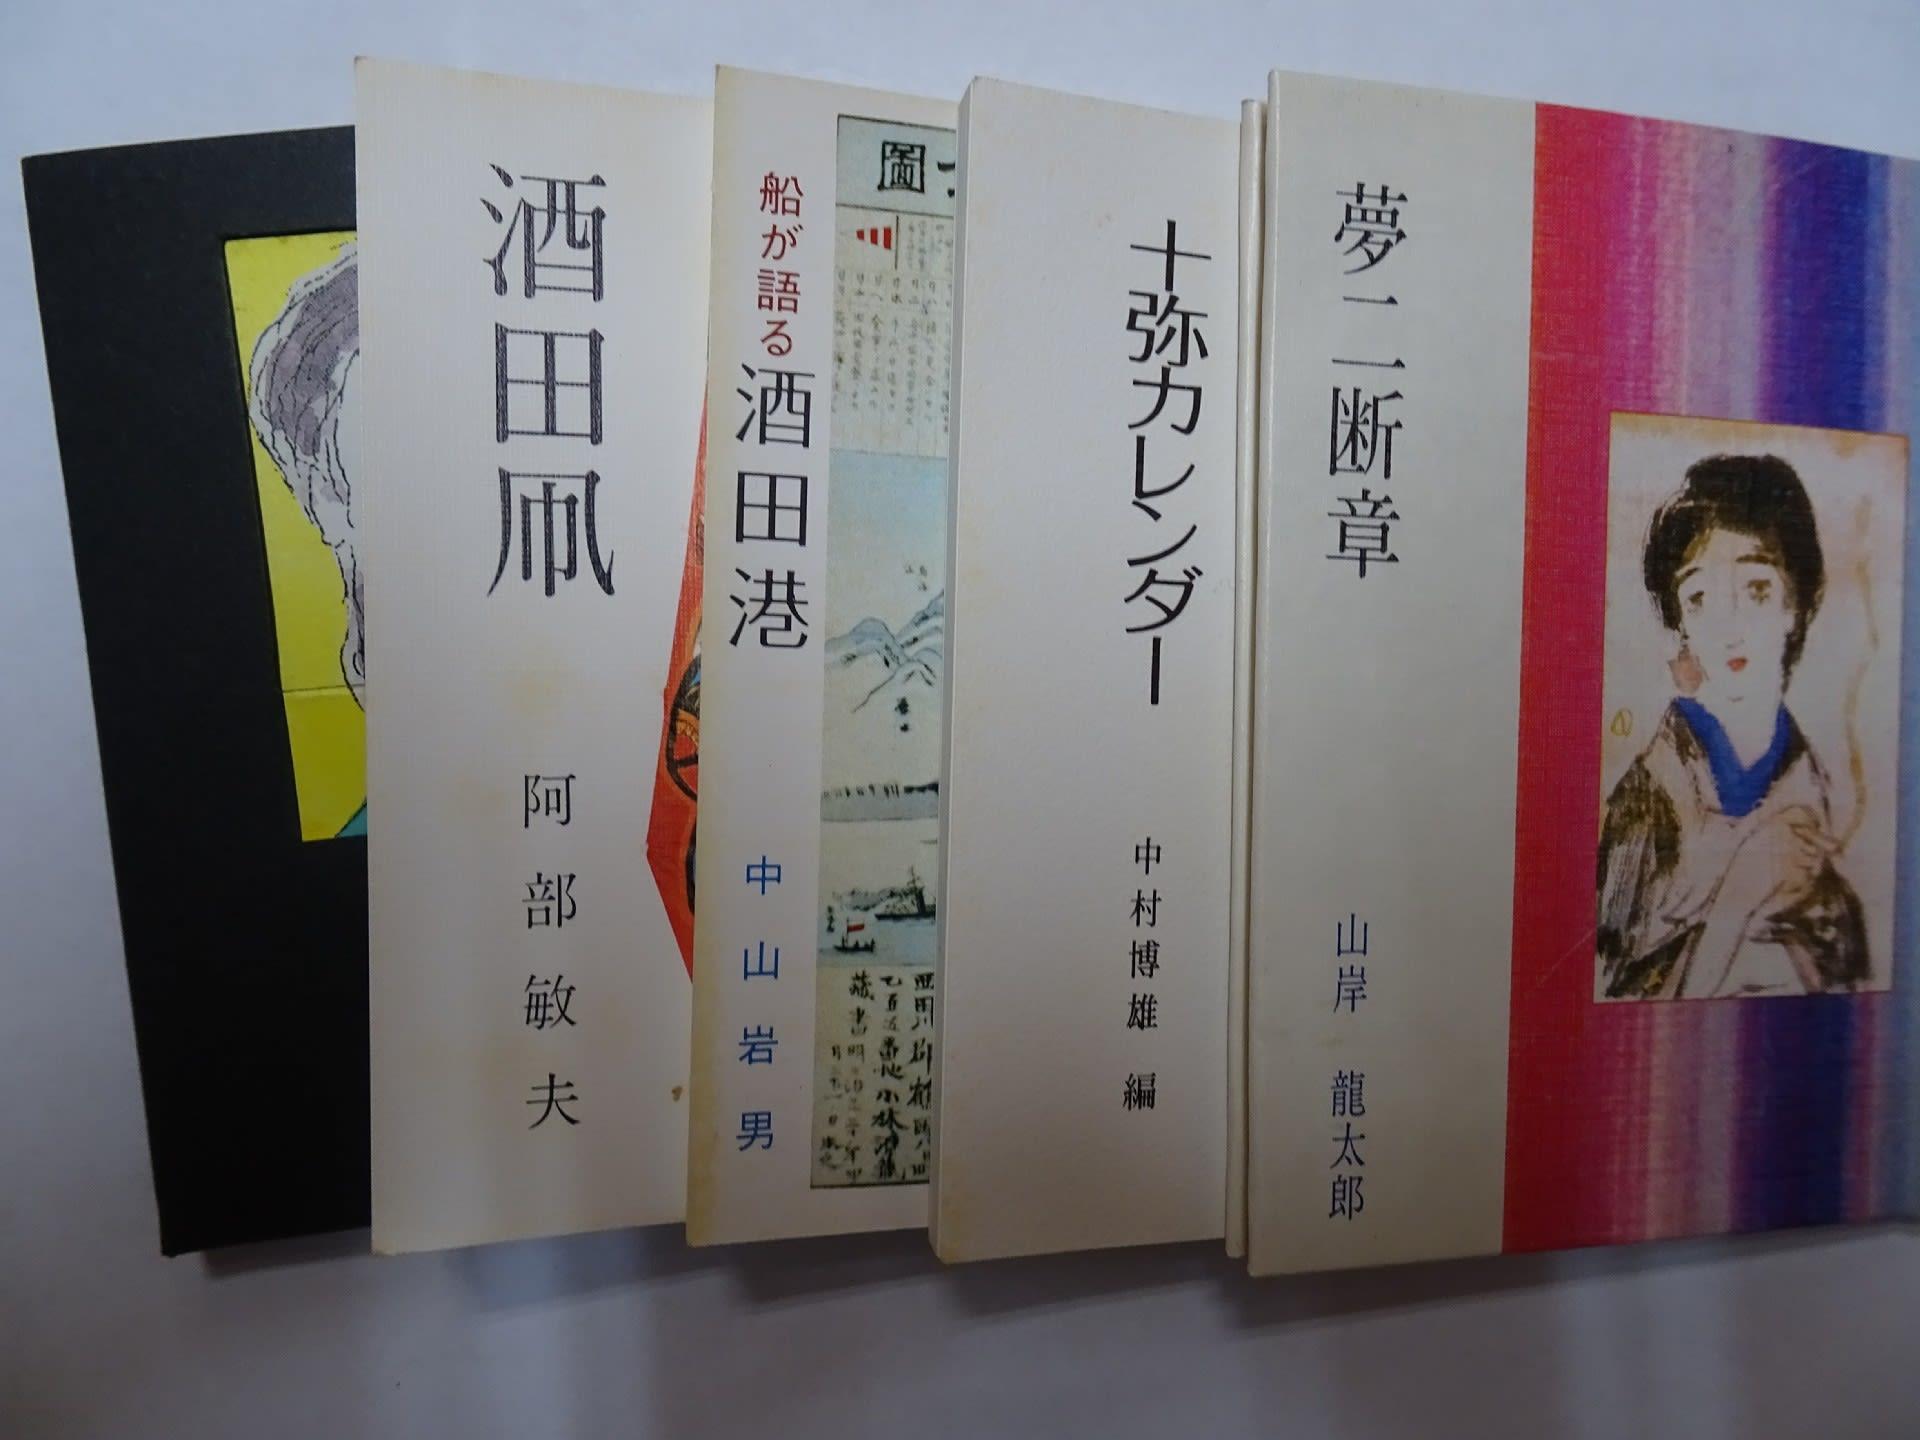 酒田の「三佐藤」文化人